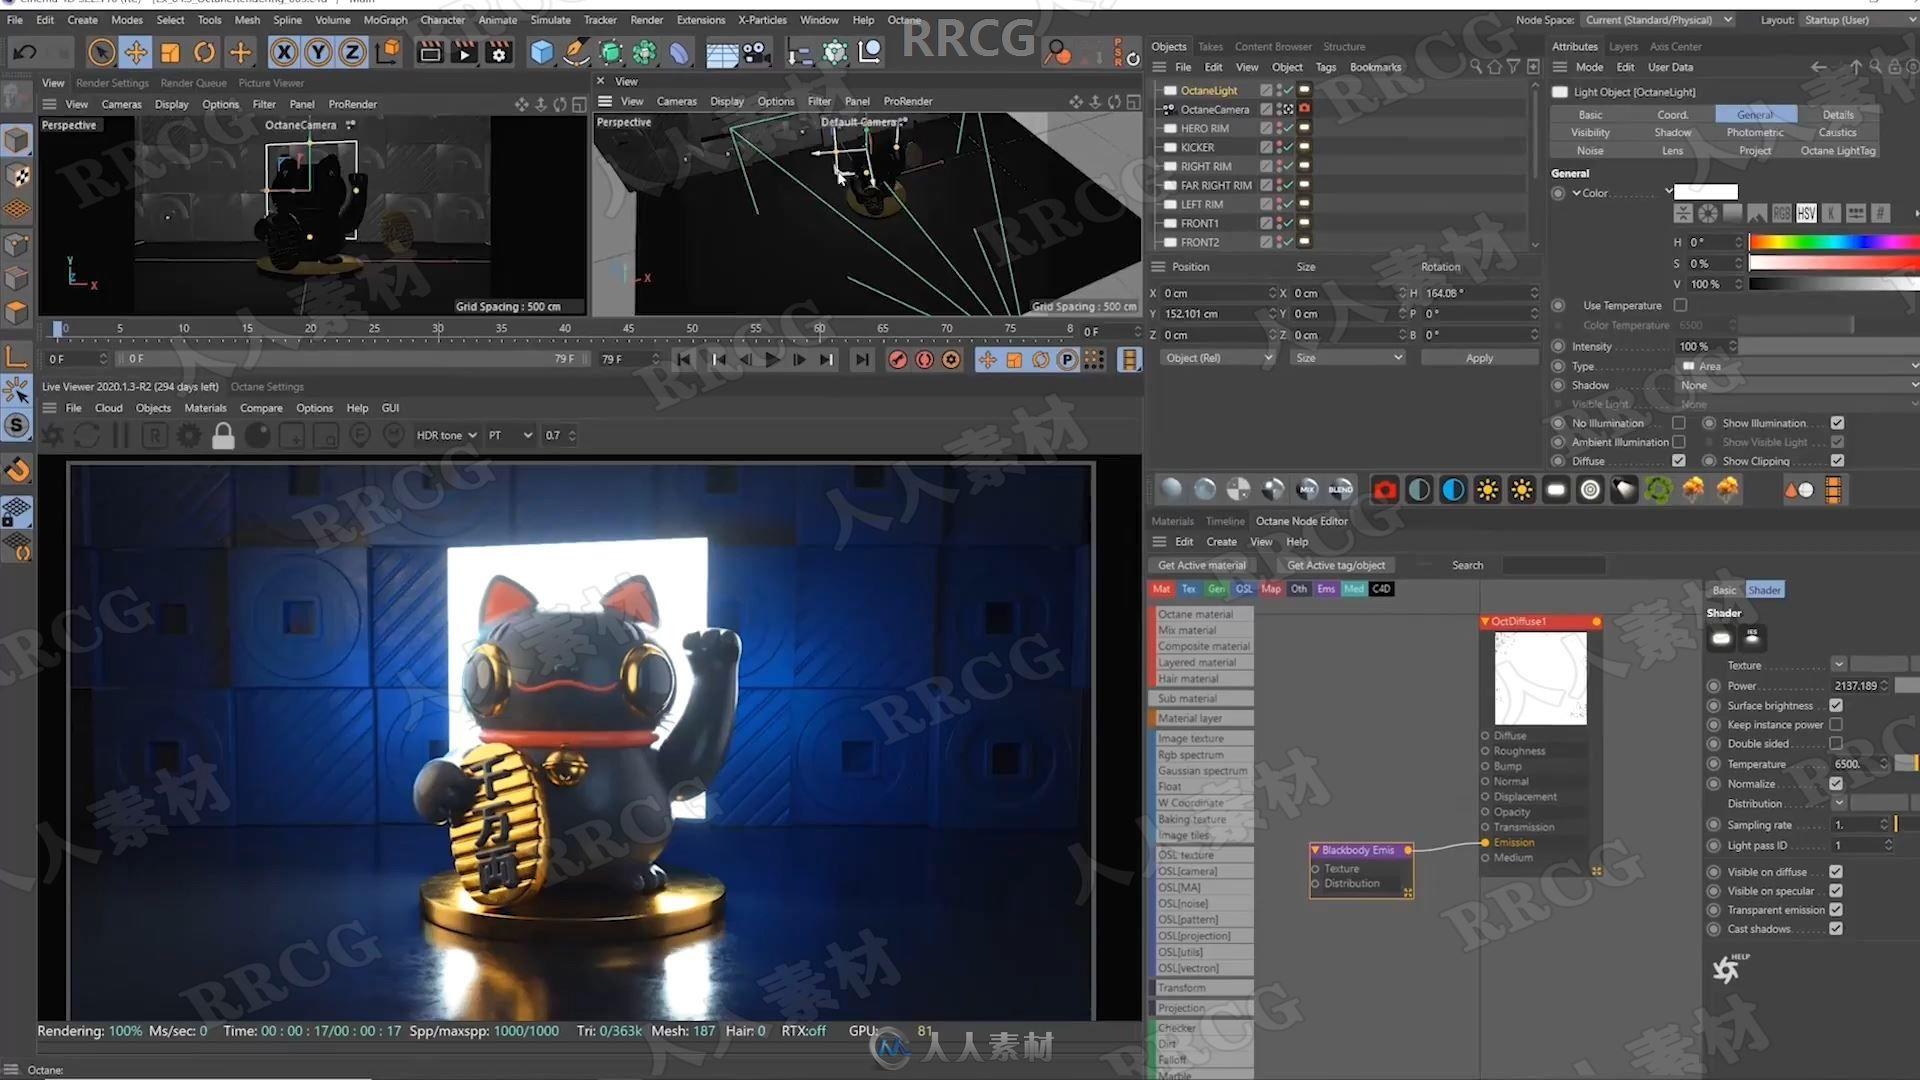 Cinema 4D 3D概念动画艺术养成培训视频教程第1-8季合集